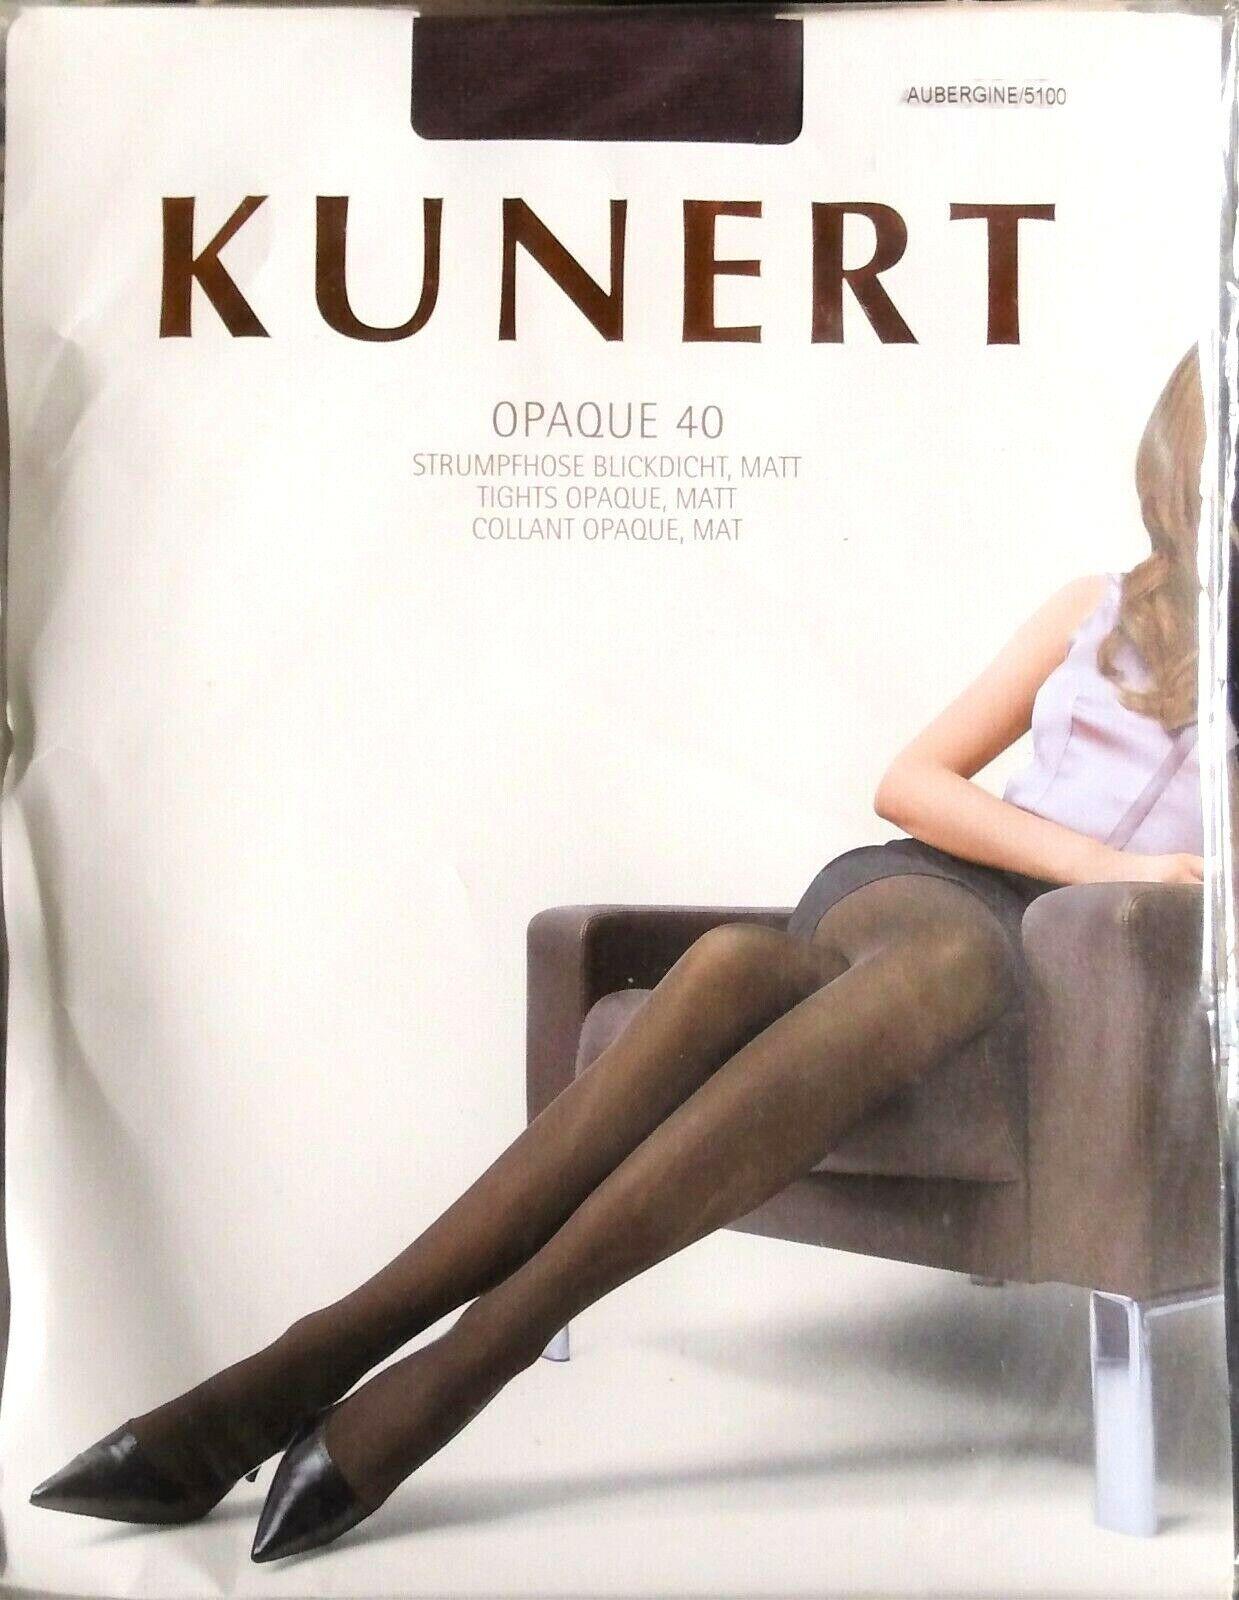 Kunert OPAQUE 40 Size I 38-40 Aubergine